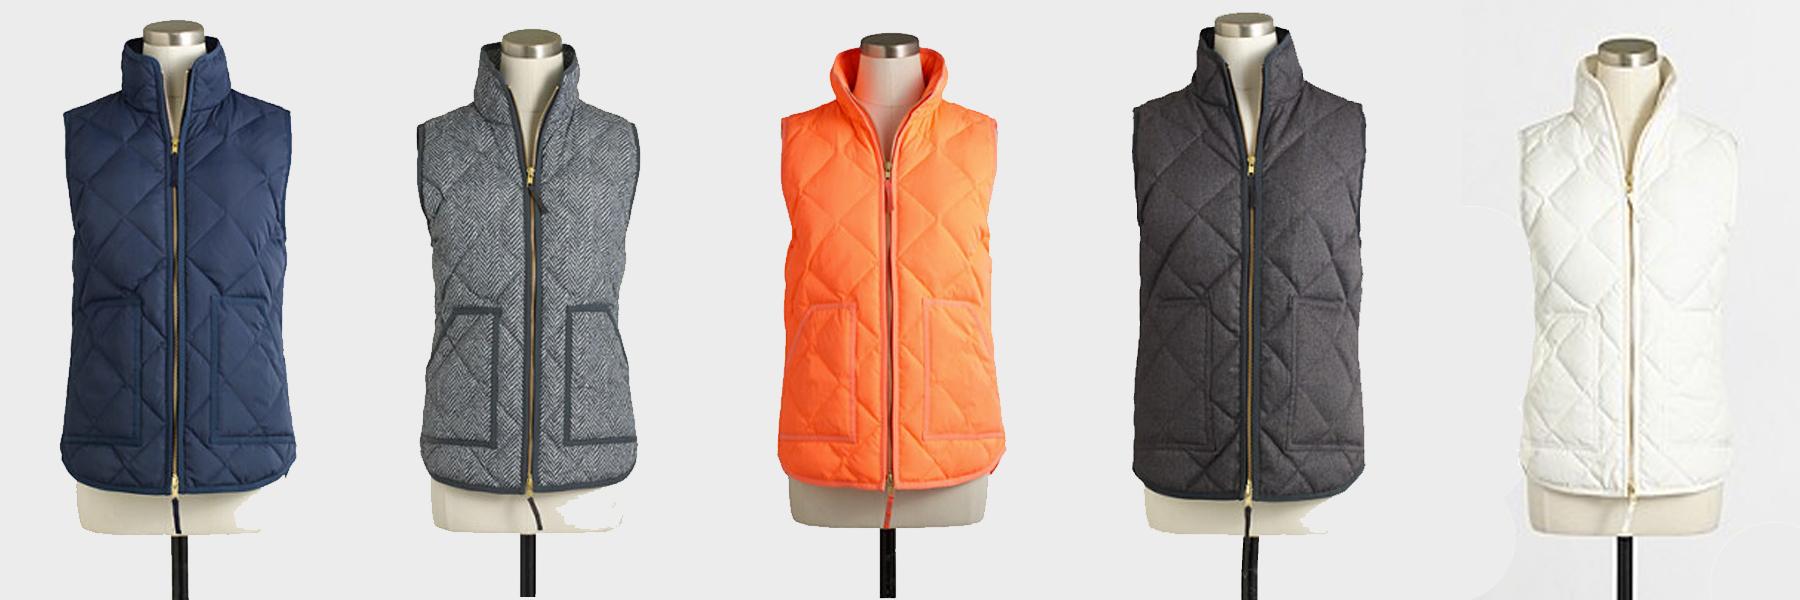 jcrew puffer vests